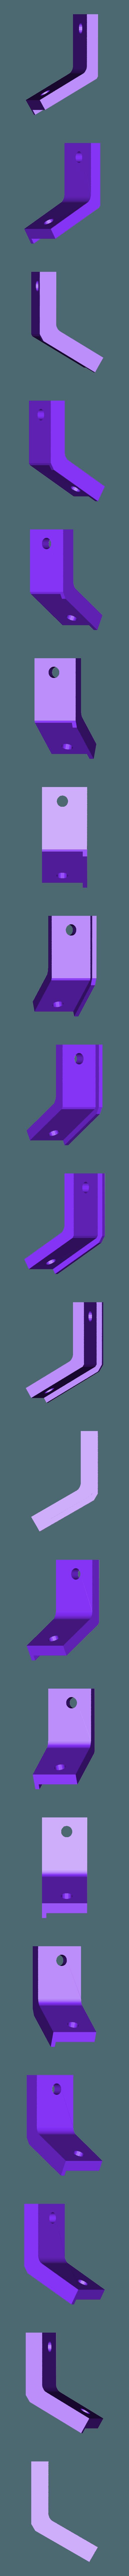 spool_arm_connector_01.stl Télécharger fichier STL gratuit Kossel Spool Top Mount pour le roulement des disques durs • Objet imprimable en 3D, peaberry